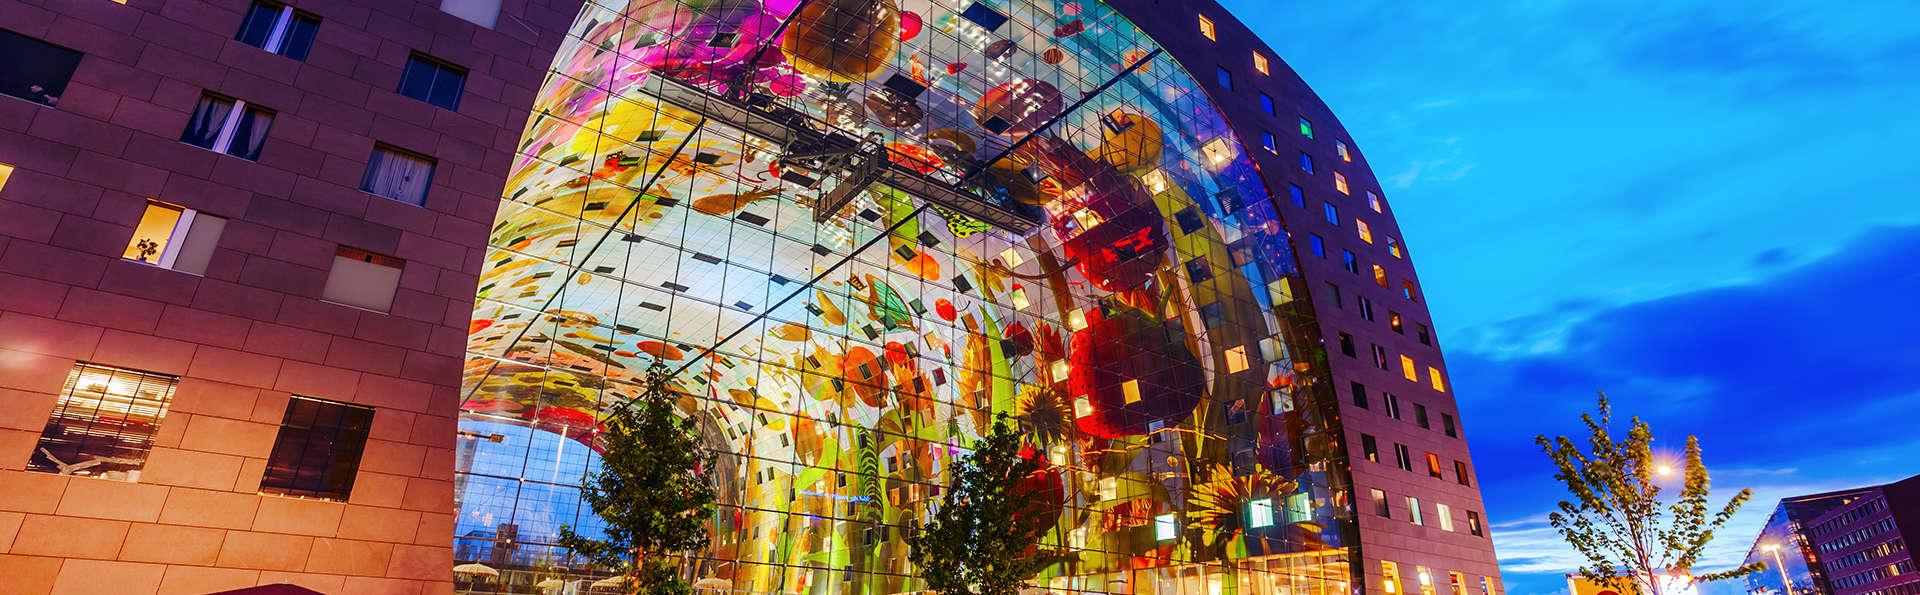 Voyage en ville au cœur de Rotterdam